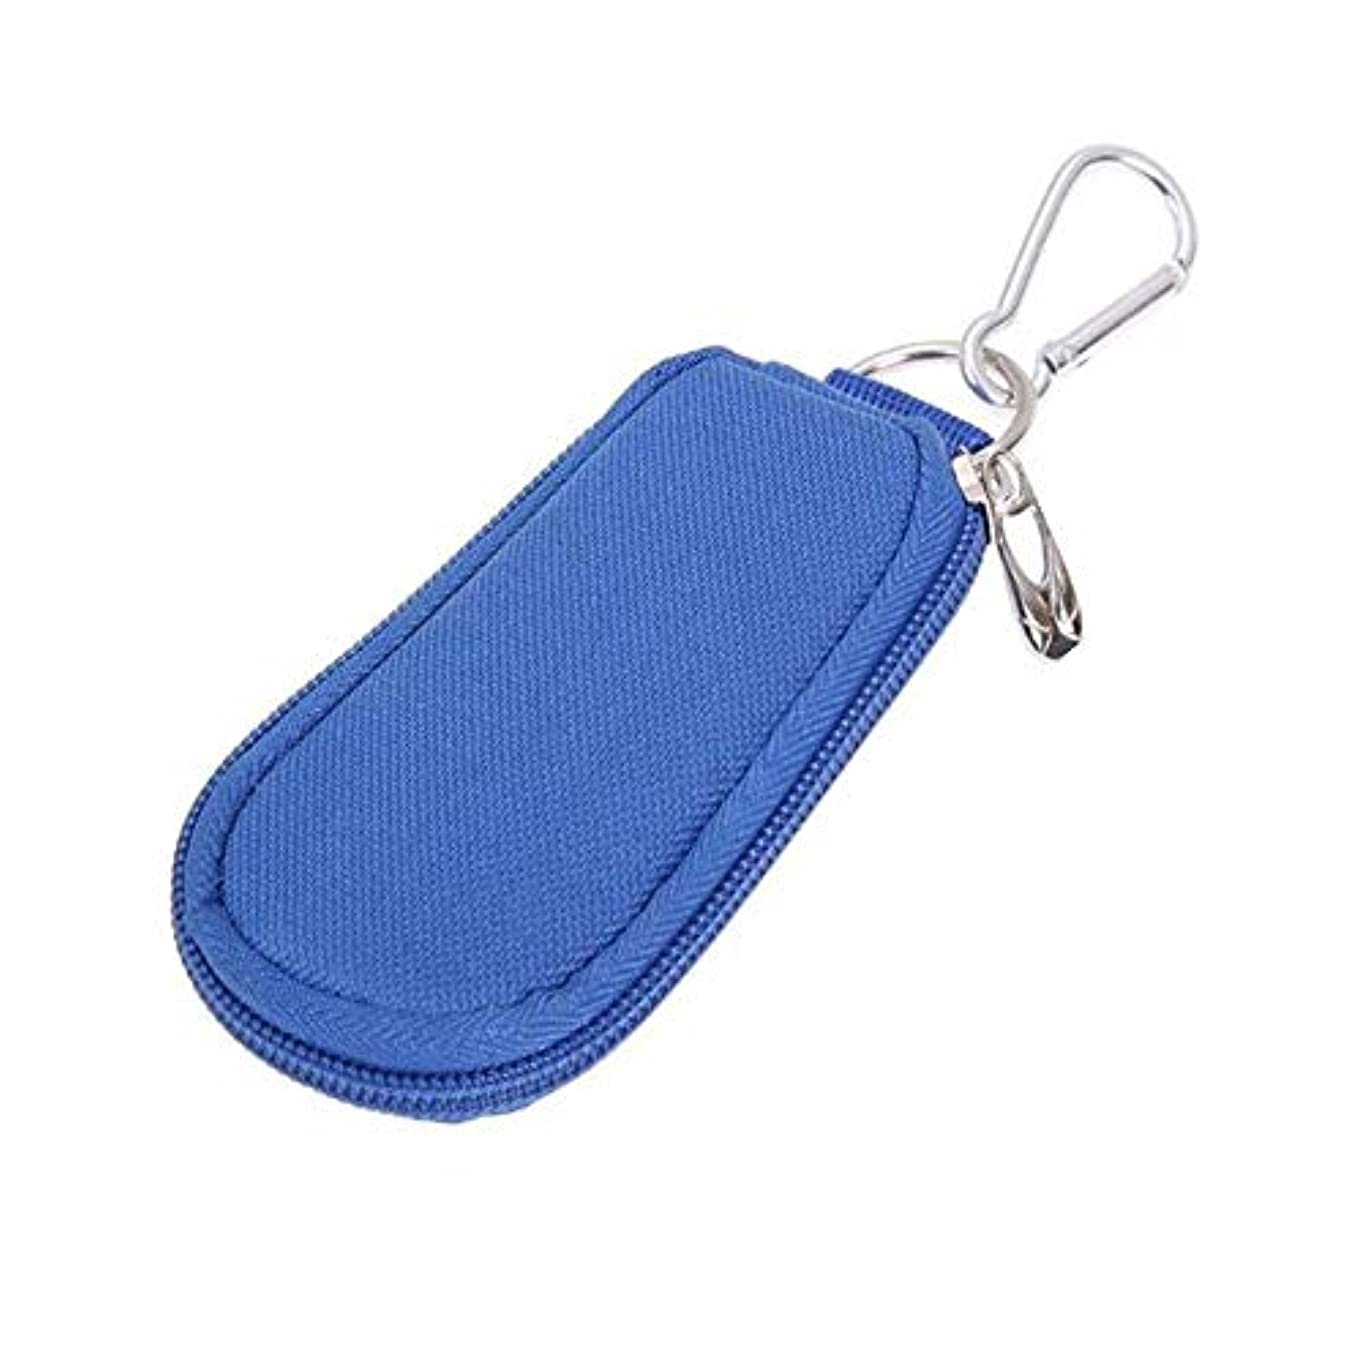 比較的デッド遊びますエッセンシャルオイルストレージボックス エッセンシャルオイルストレージオーガナイザーブルー走行用1-3MLエッセンシャルオイルバッグパーフェクトを開催します 旅行およびプレゼンテーション用 (色 : 青, サイズ : 11.5X6.5X1.5CM)